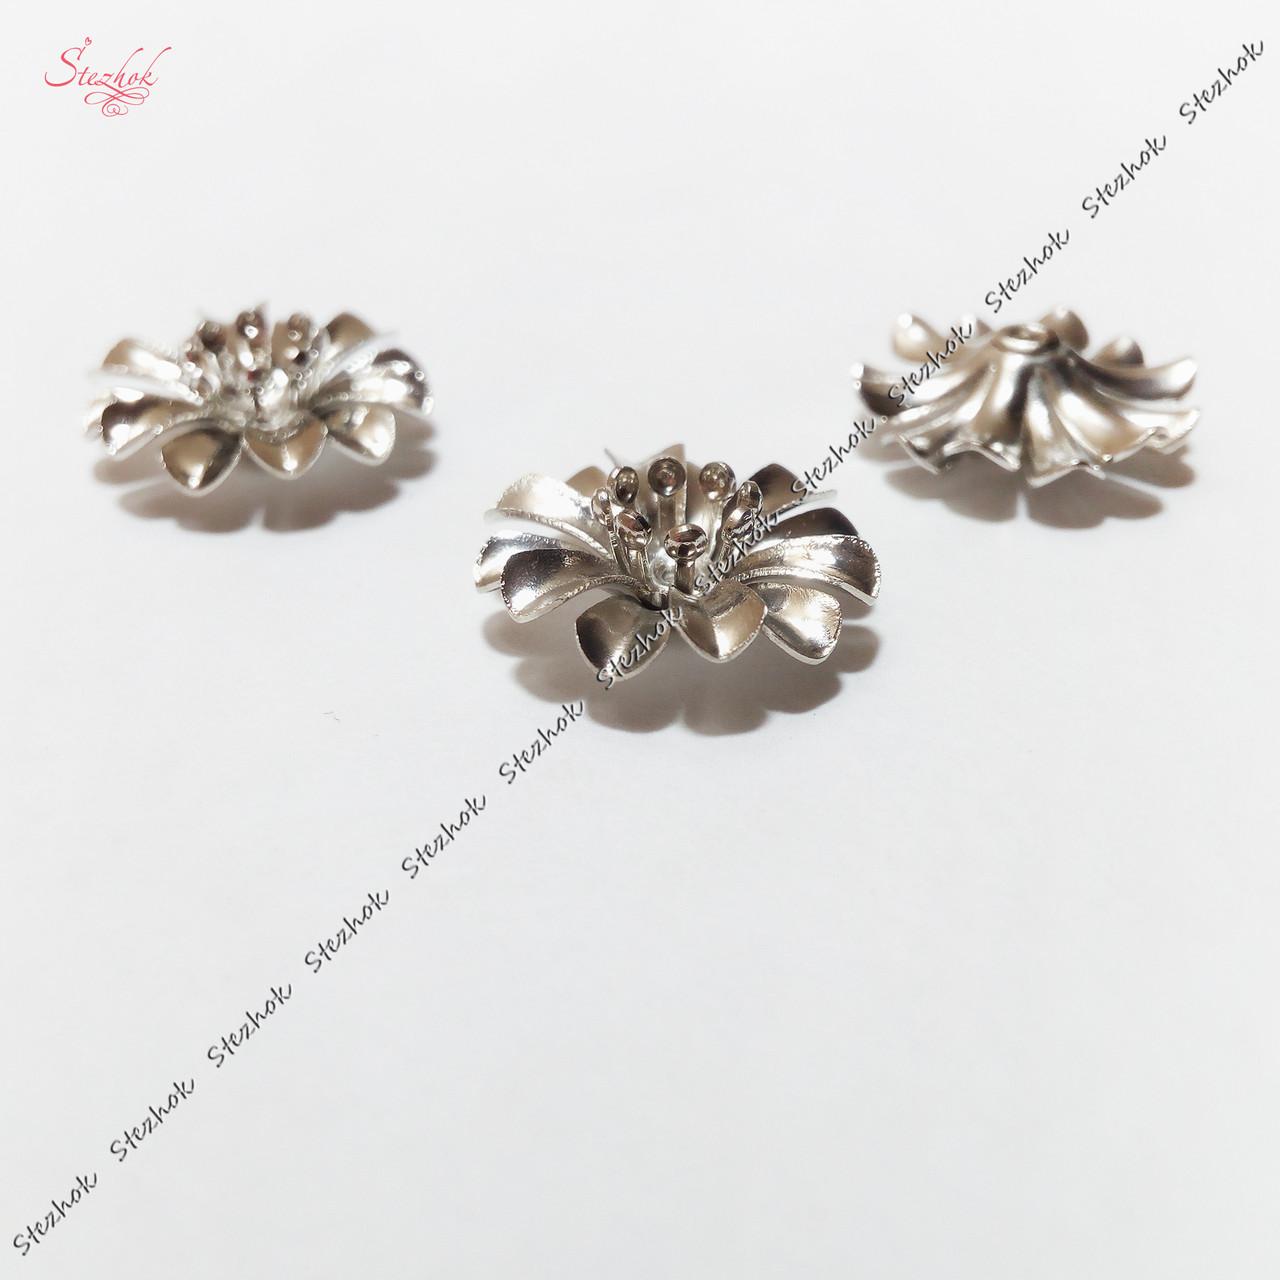 Металлическая бусина разделитель 14 мм цветок платина для рукоделия